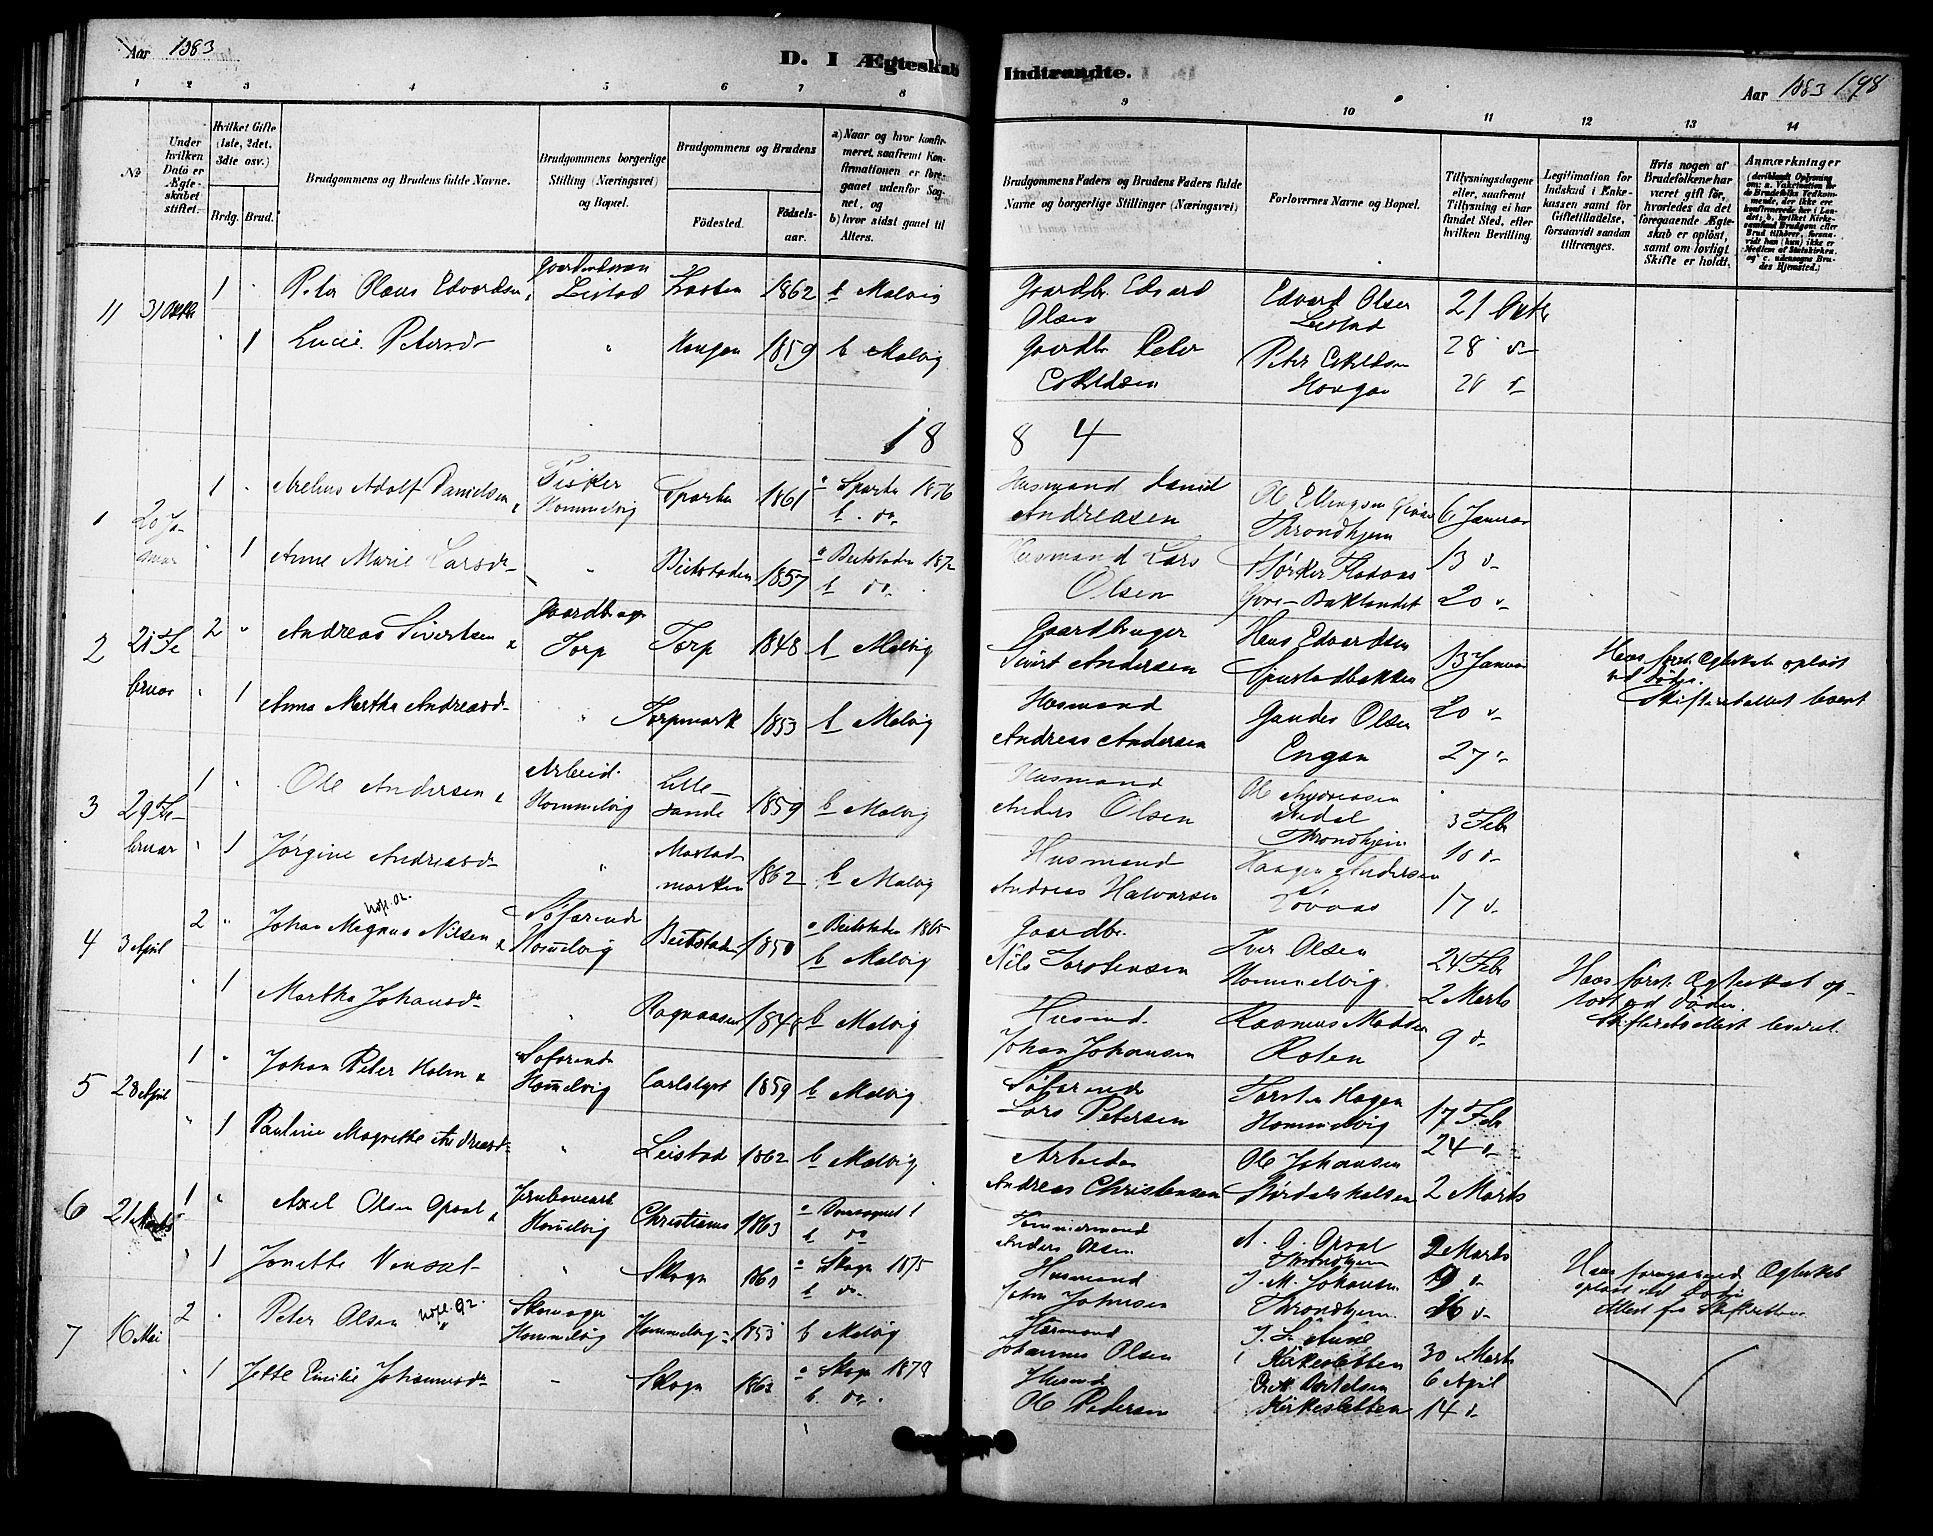 SAT, Ministerialprotokoller, klokkerbøker og fødselsregistre - Sør-Trøndelag, 616/L0410: Ministerialbok nr. 616A07, 1878-1893, s. 198